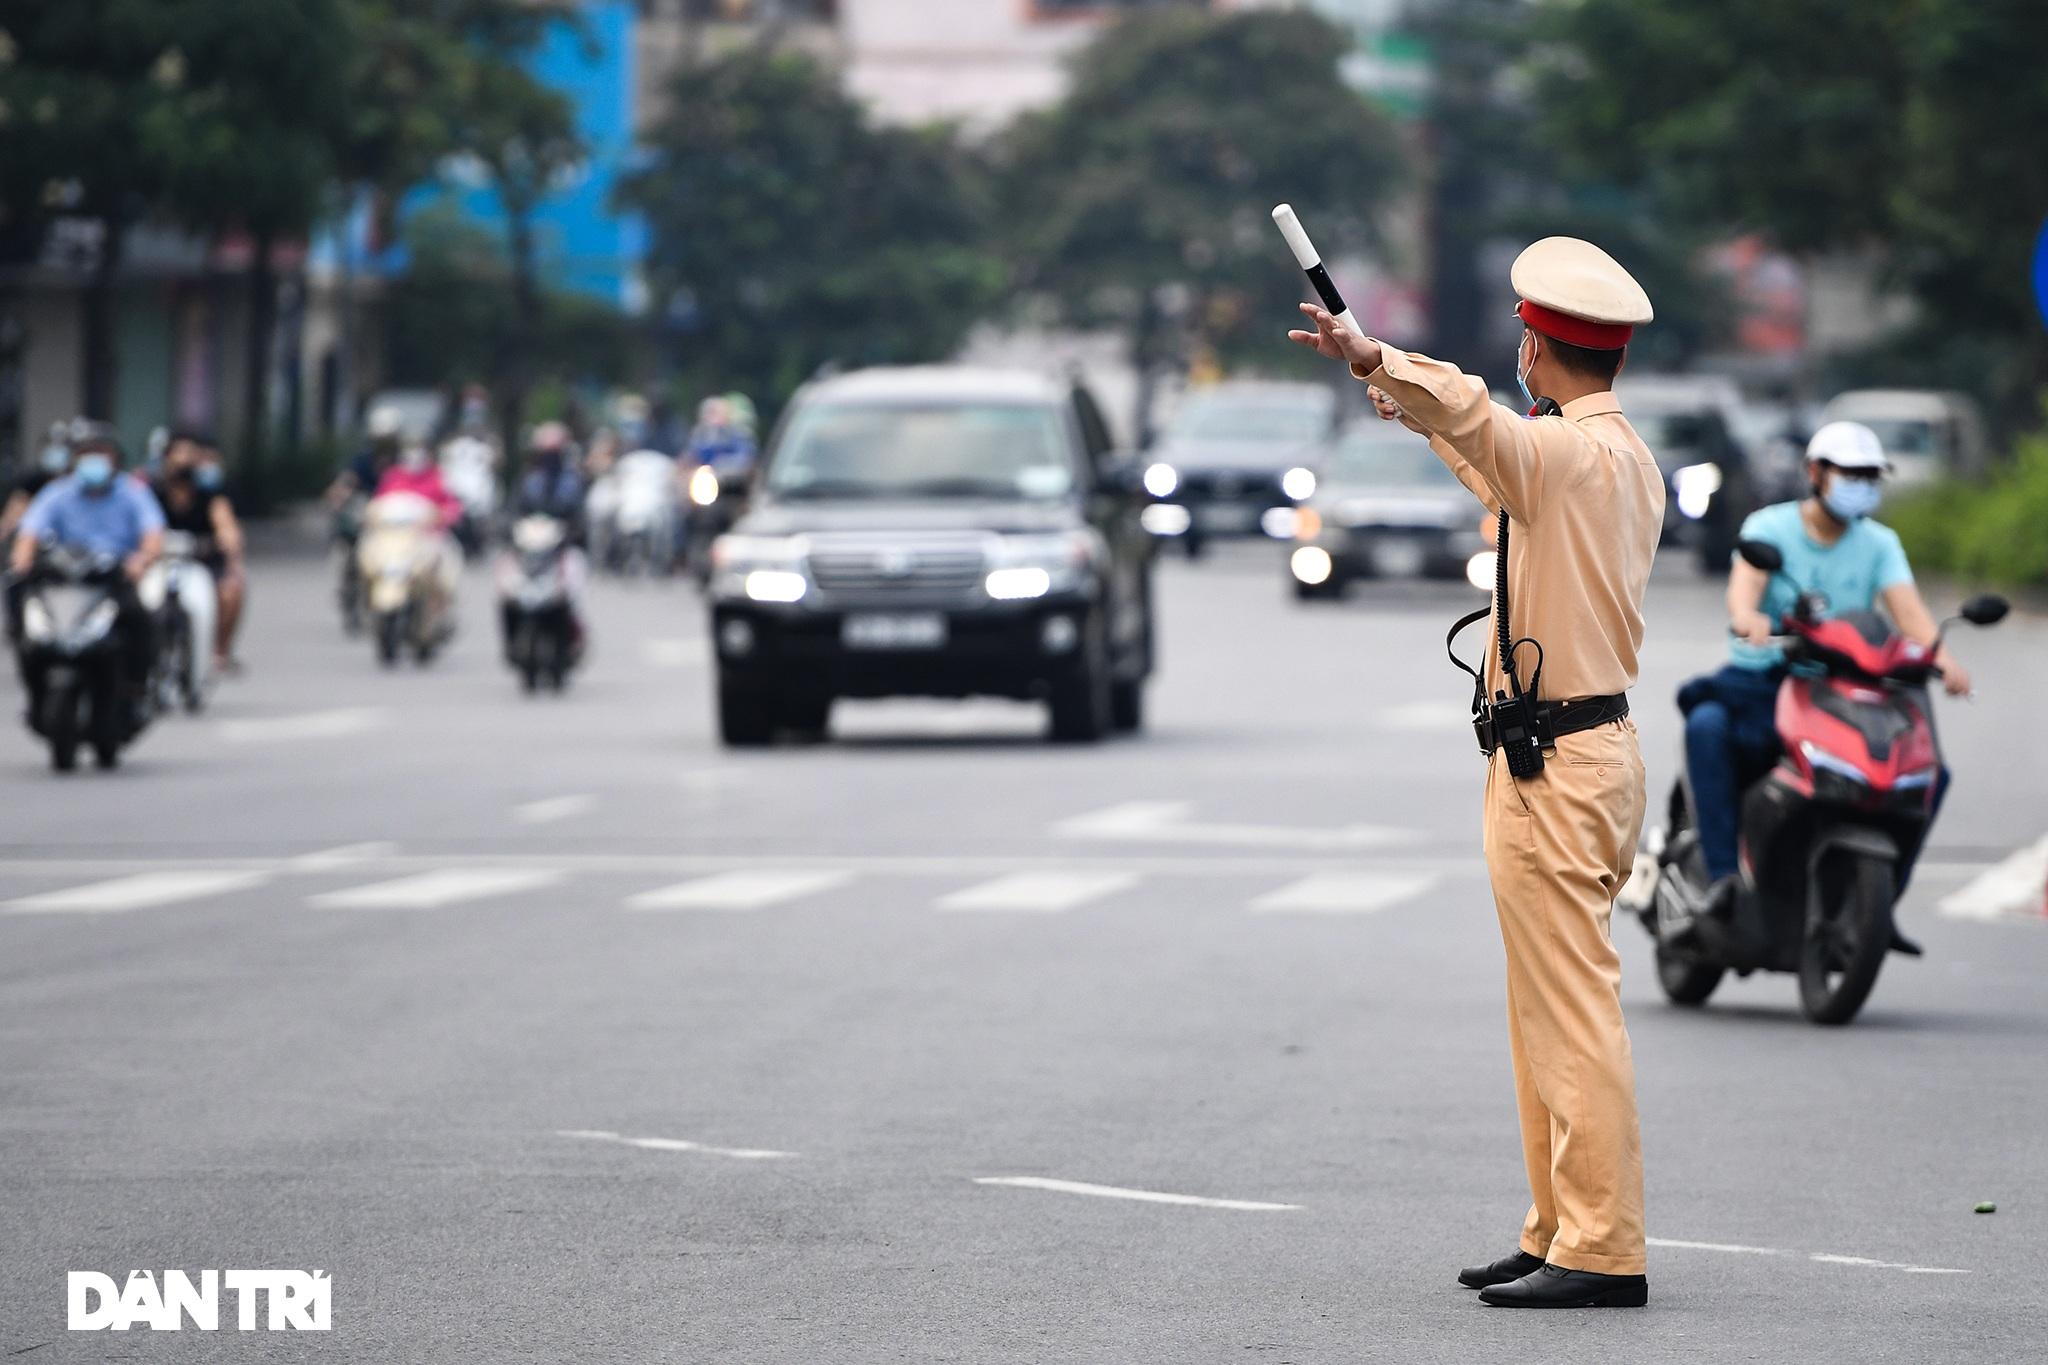 Đường phố tấp nập xe cộ sau khi TP Hà Nội bỏ quy định giấy đi đường - 5